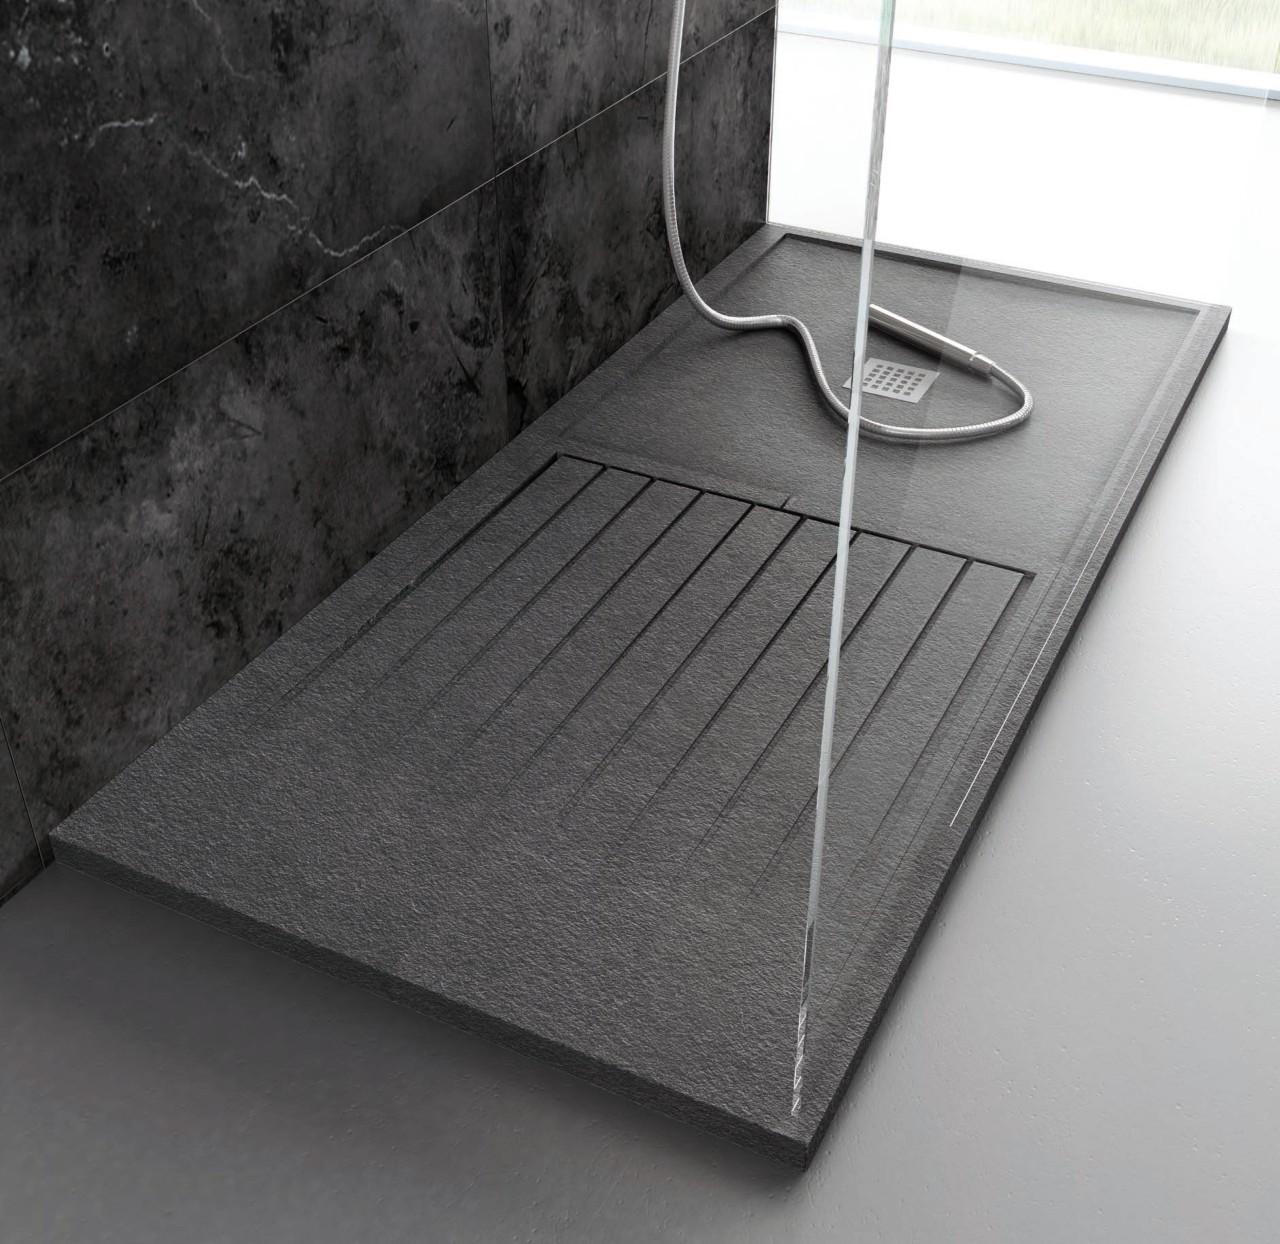 bodenebene dusche badewannent r umbau wanne zur dusche. Black Bedroom Furniture Sets. Home Design Ideas